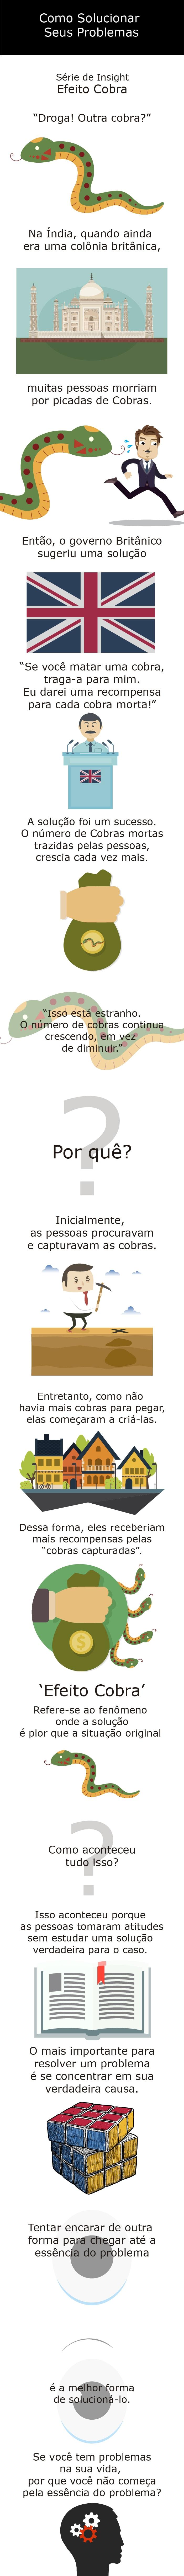 gelo_sossolteiros